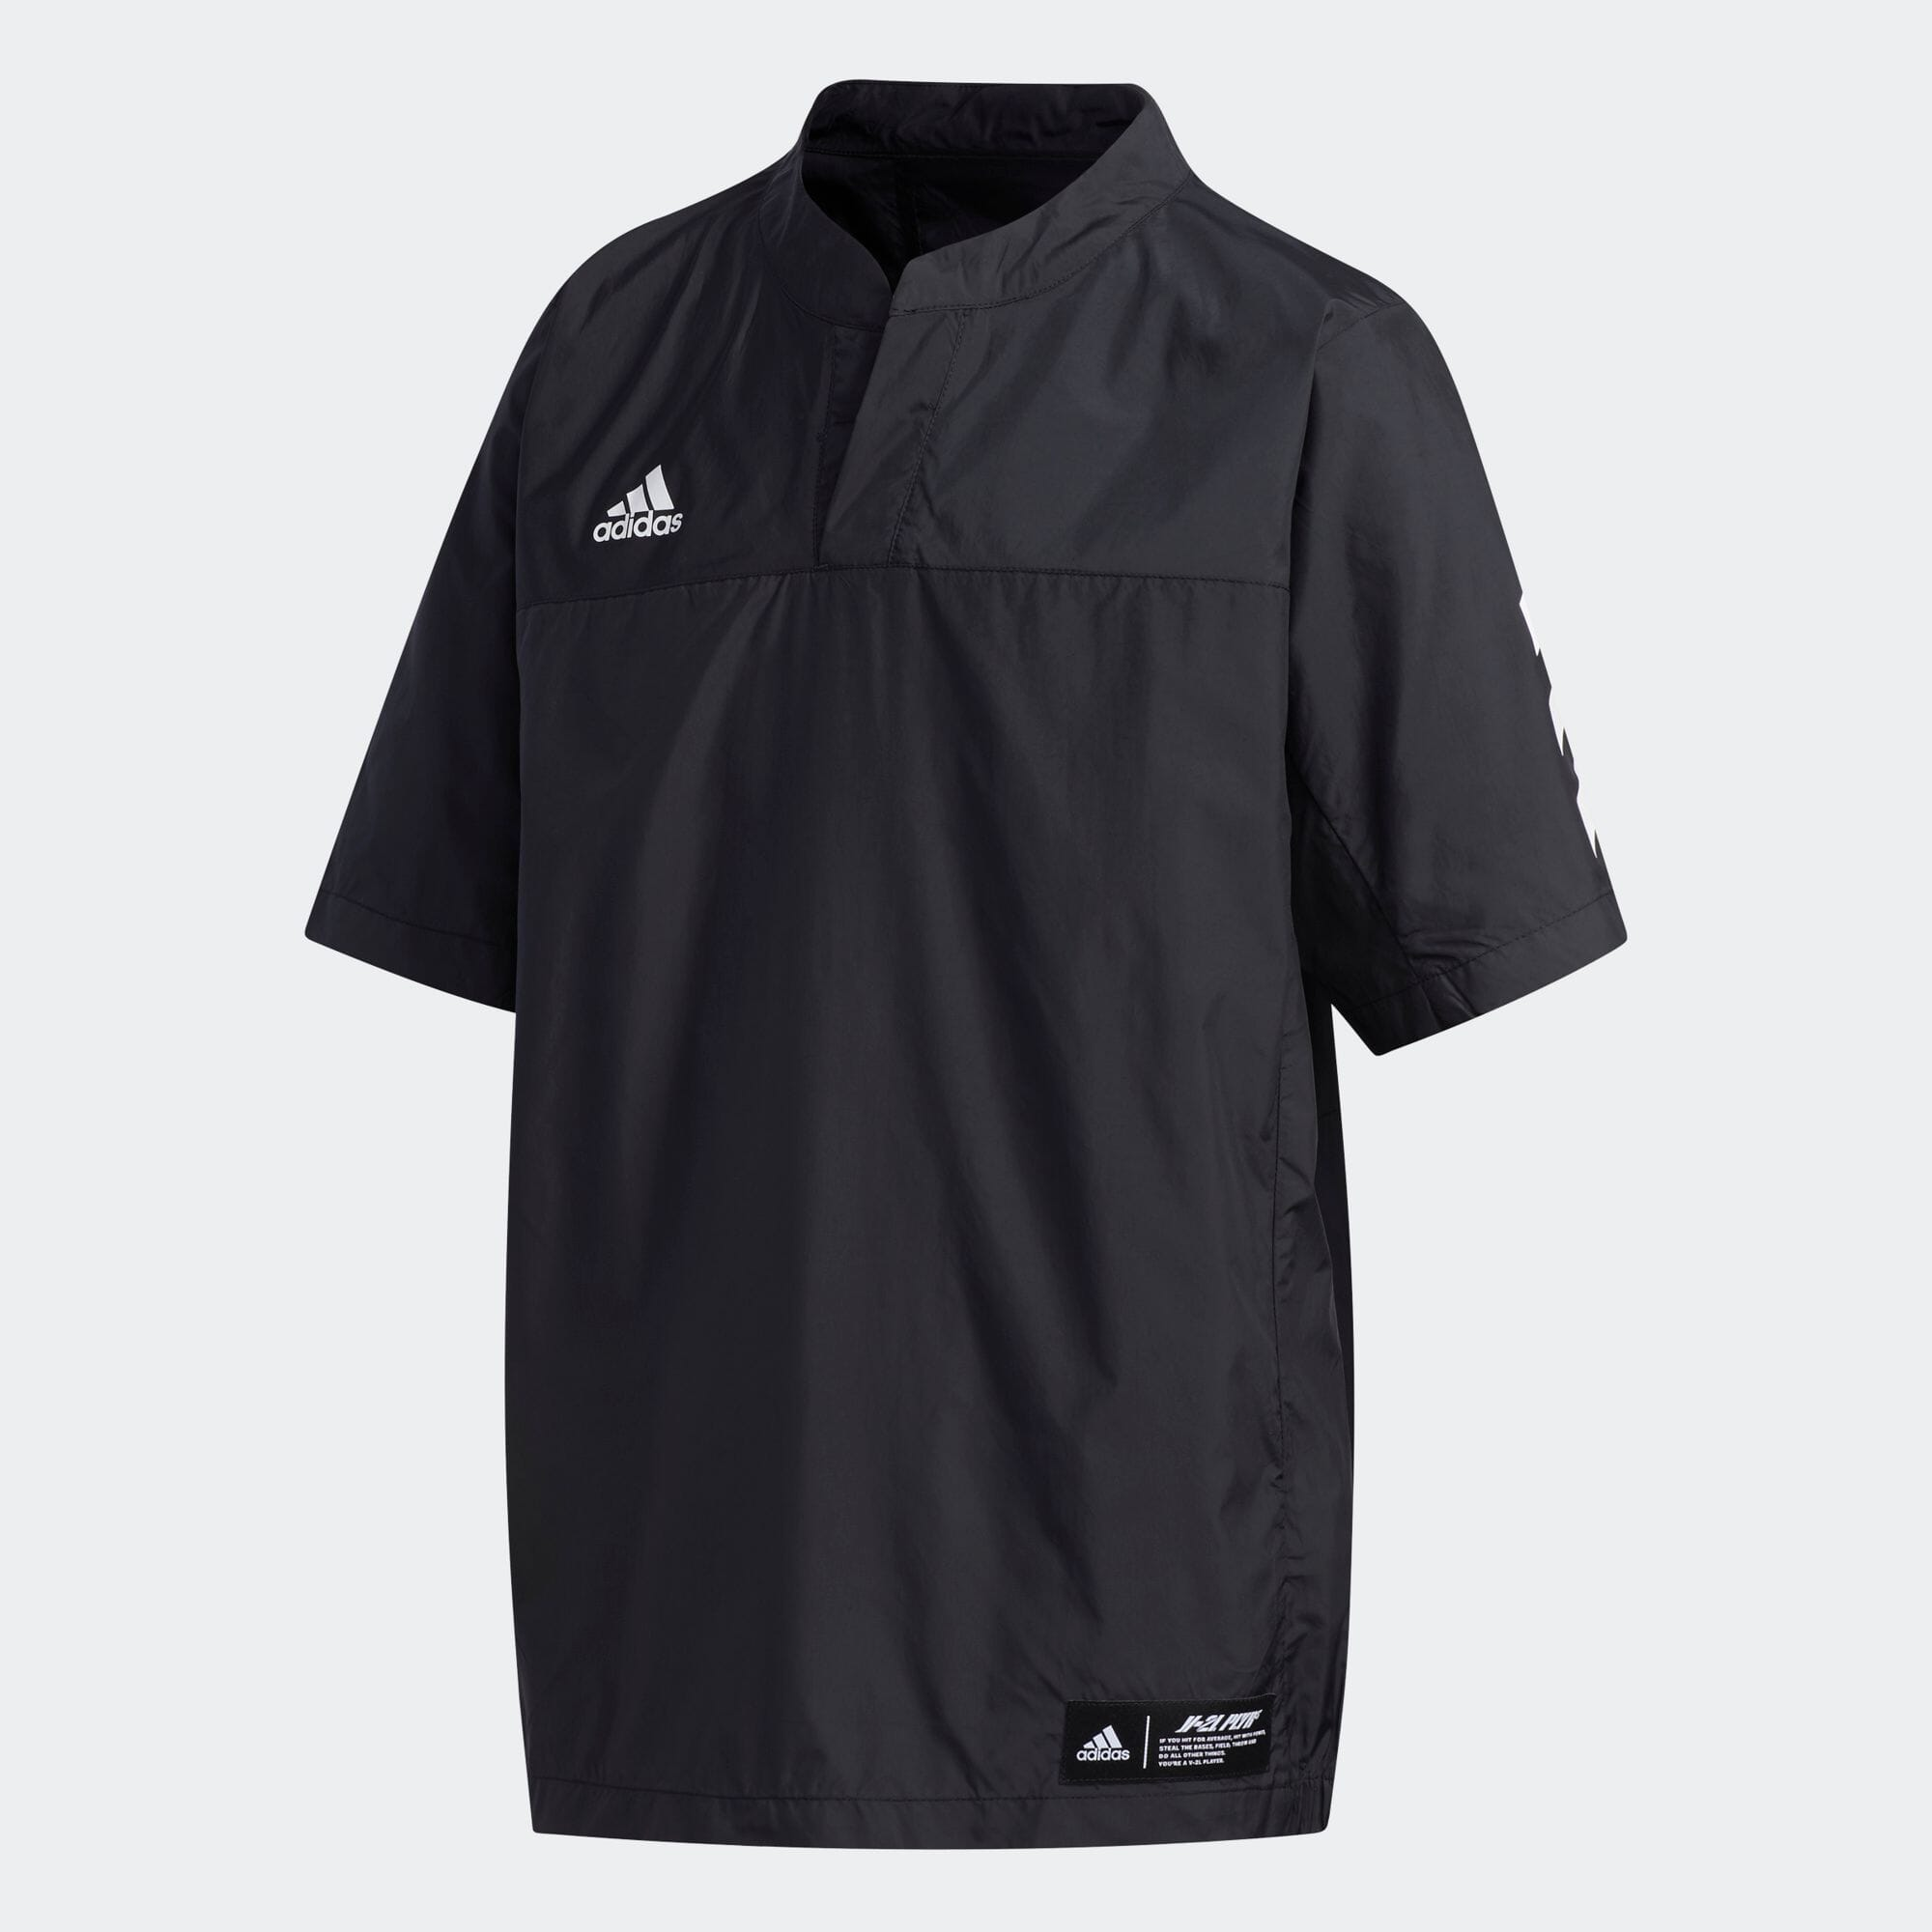 5T ウインドTシャツ / 5T Wind Tee